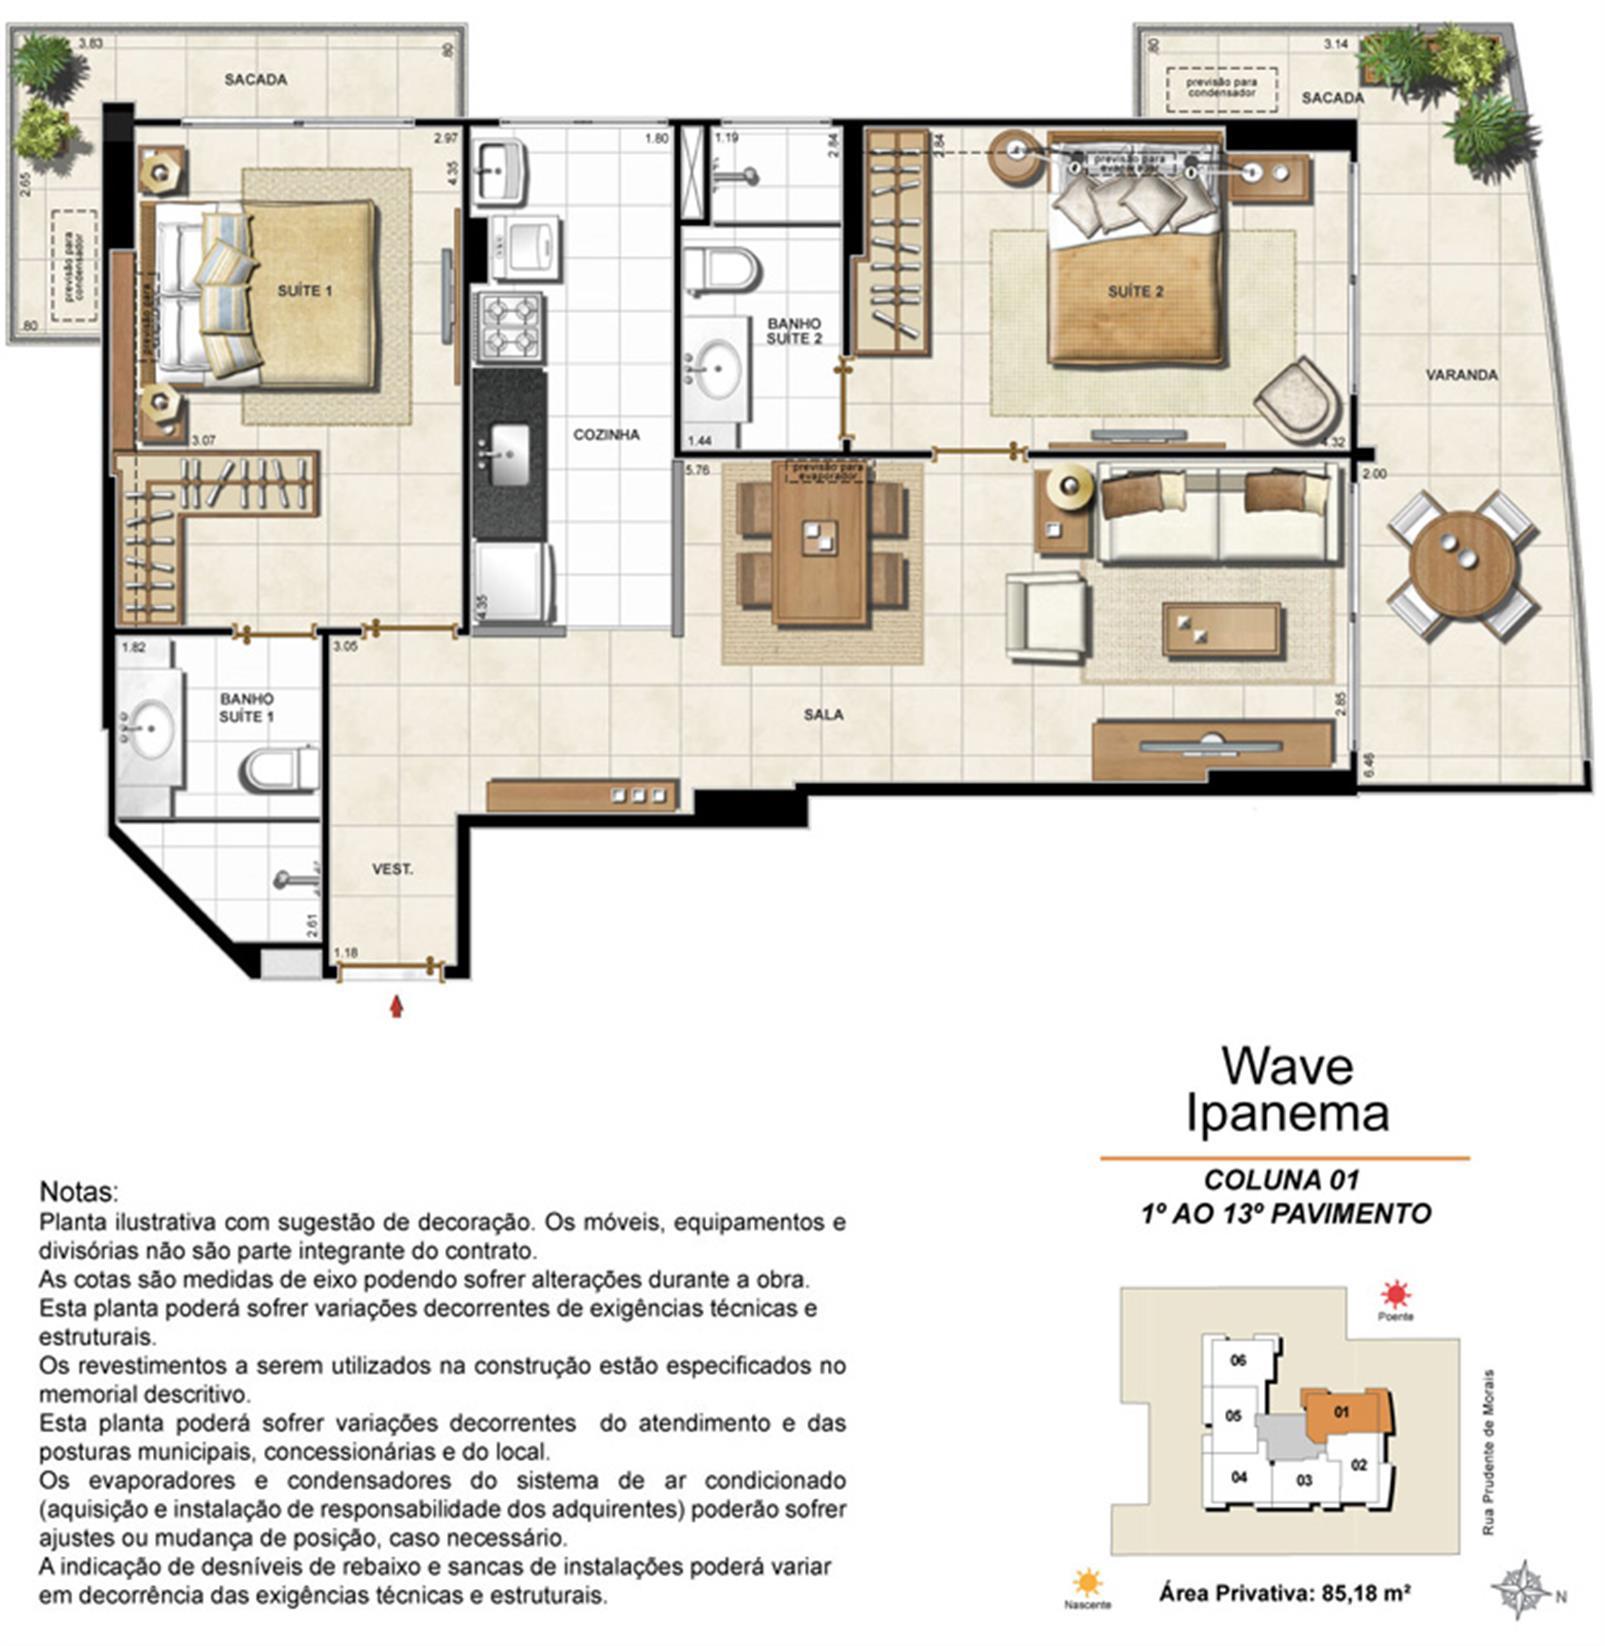 Apartamento Tipo Coluna 01 - 1º ao 13º Pavimento | Wave Ipanema – Apartamentoem  Ipanema - Rio de Janeiro - Rio de Janeiro